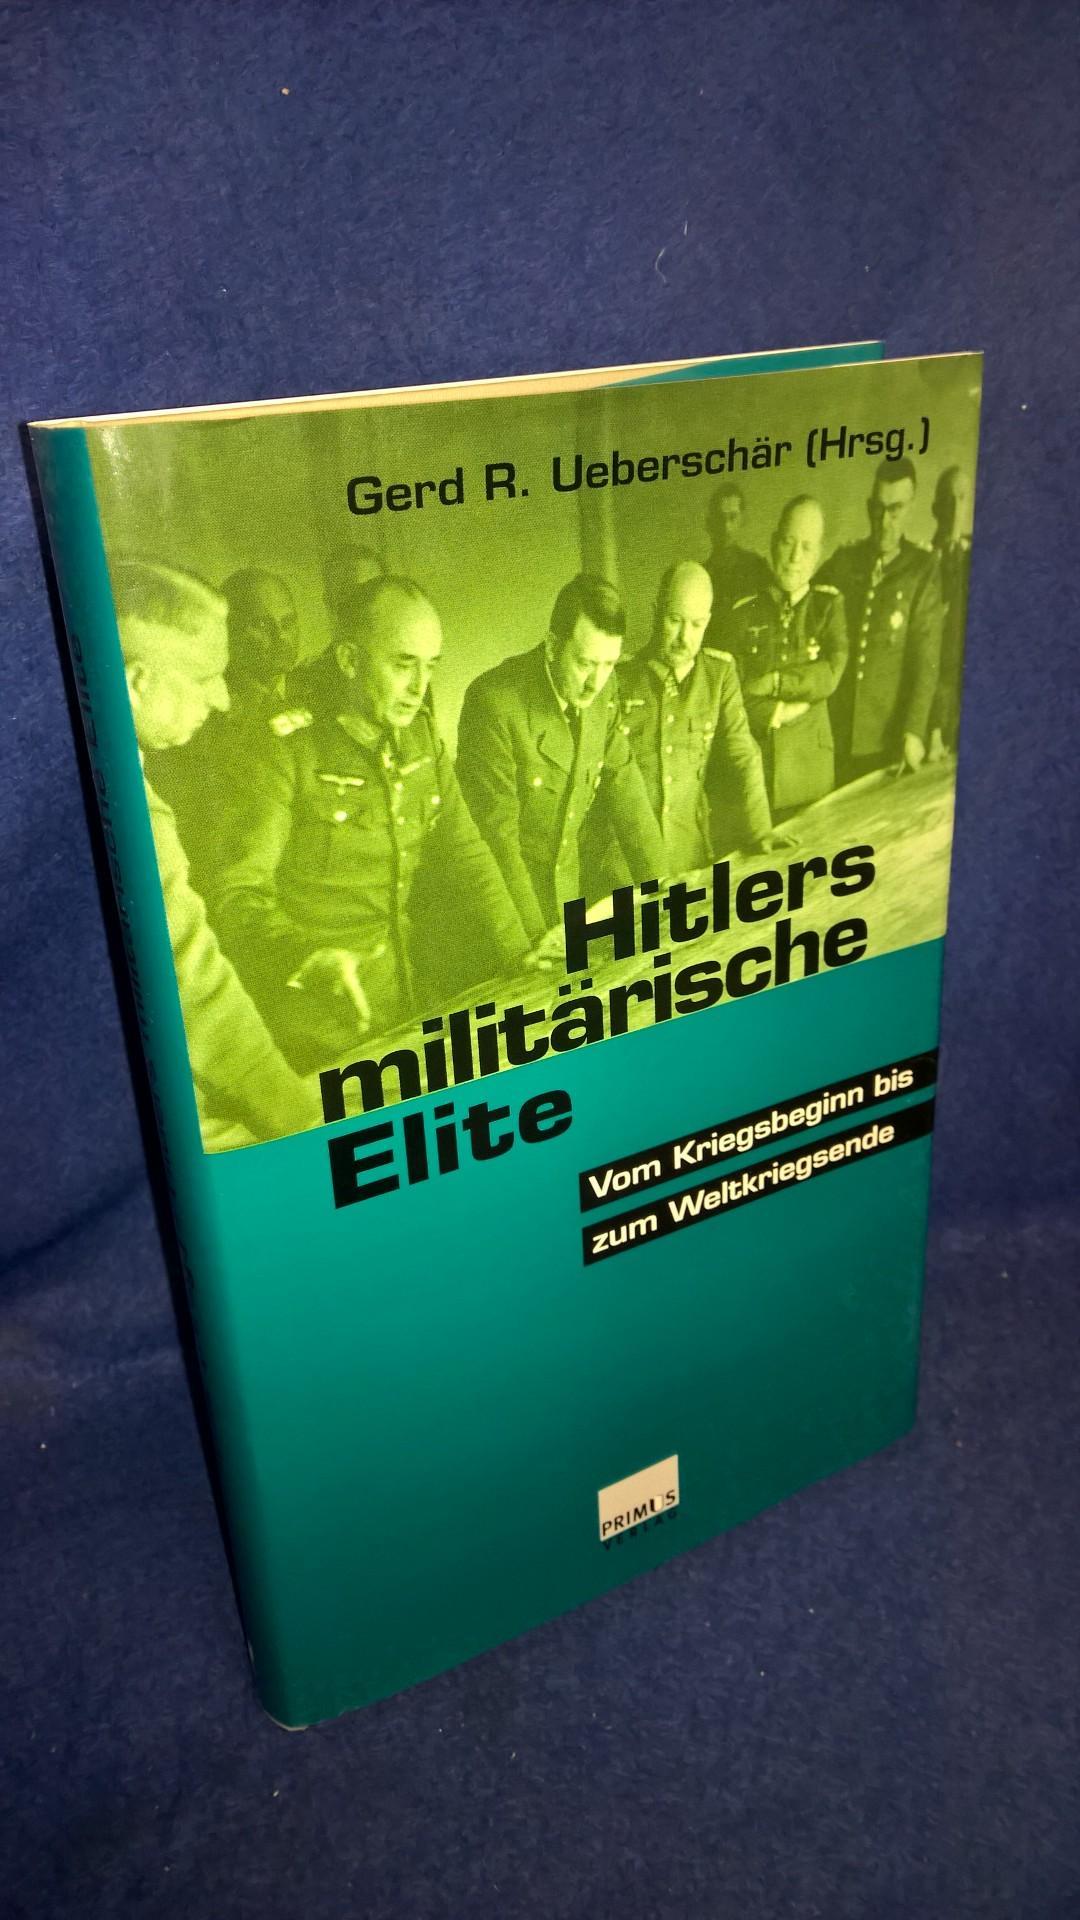 Hitlers militärische Elite. Bd.2: Vom Kriegsbeginn bis Weltkriegsende.